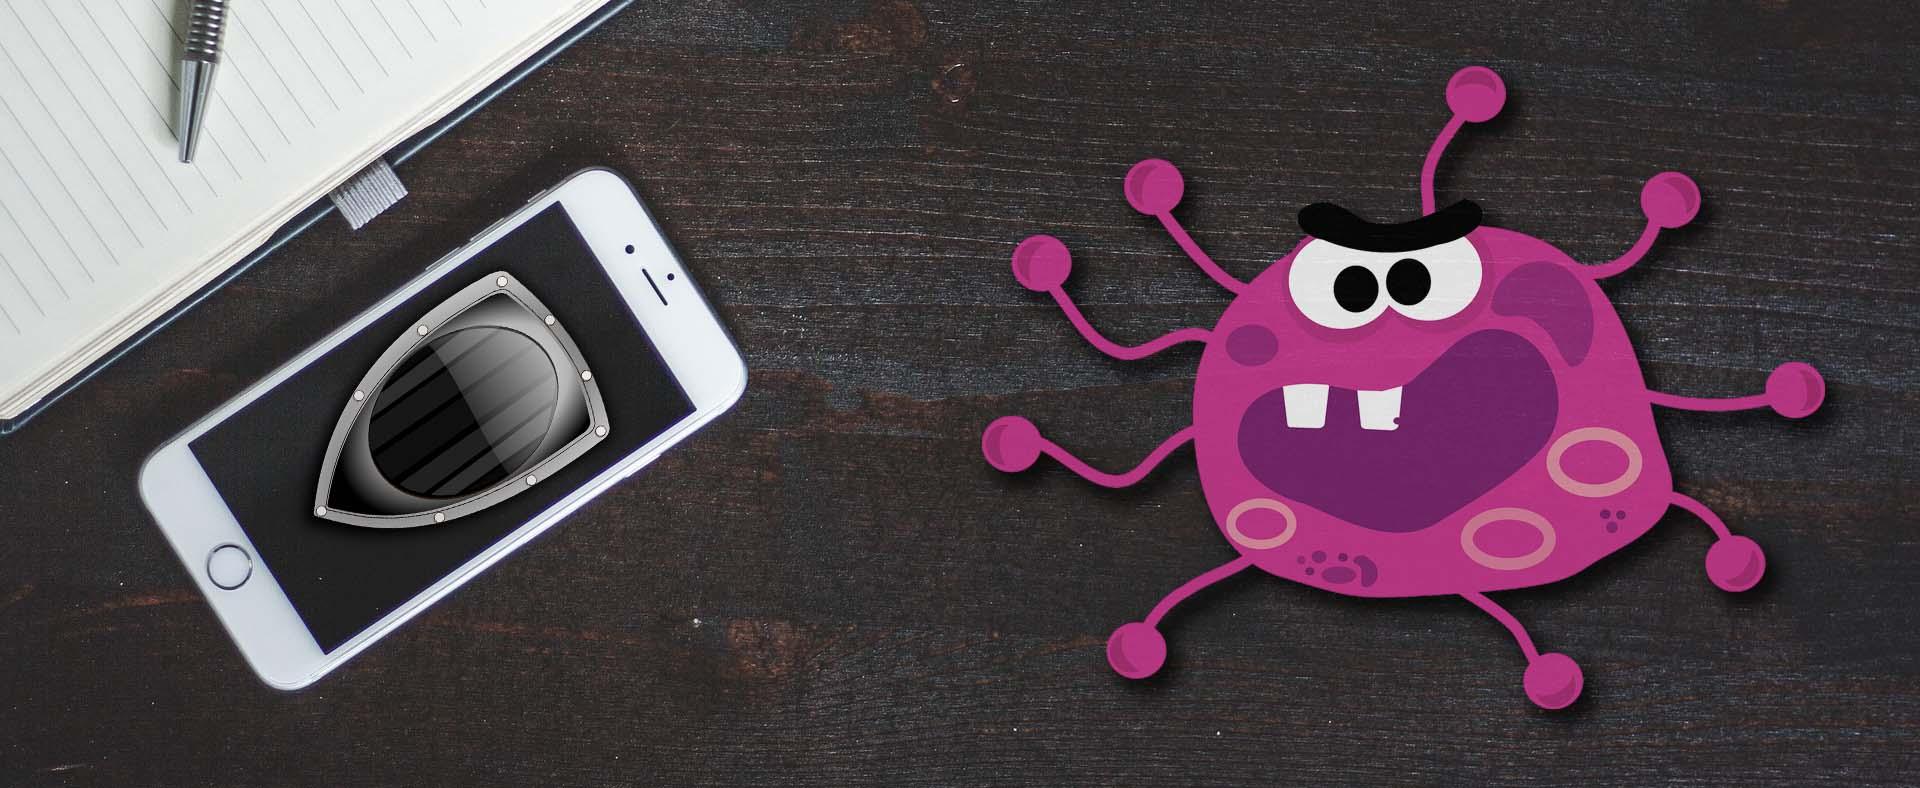 Antivirus sur téléphone, utile ou non ?